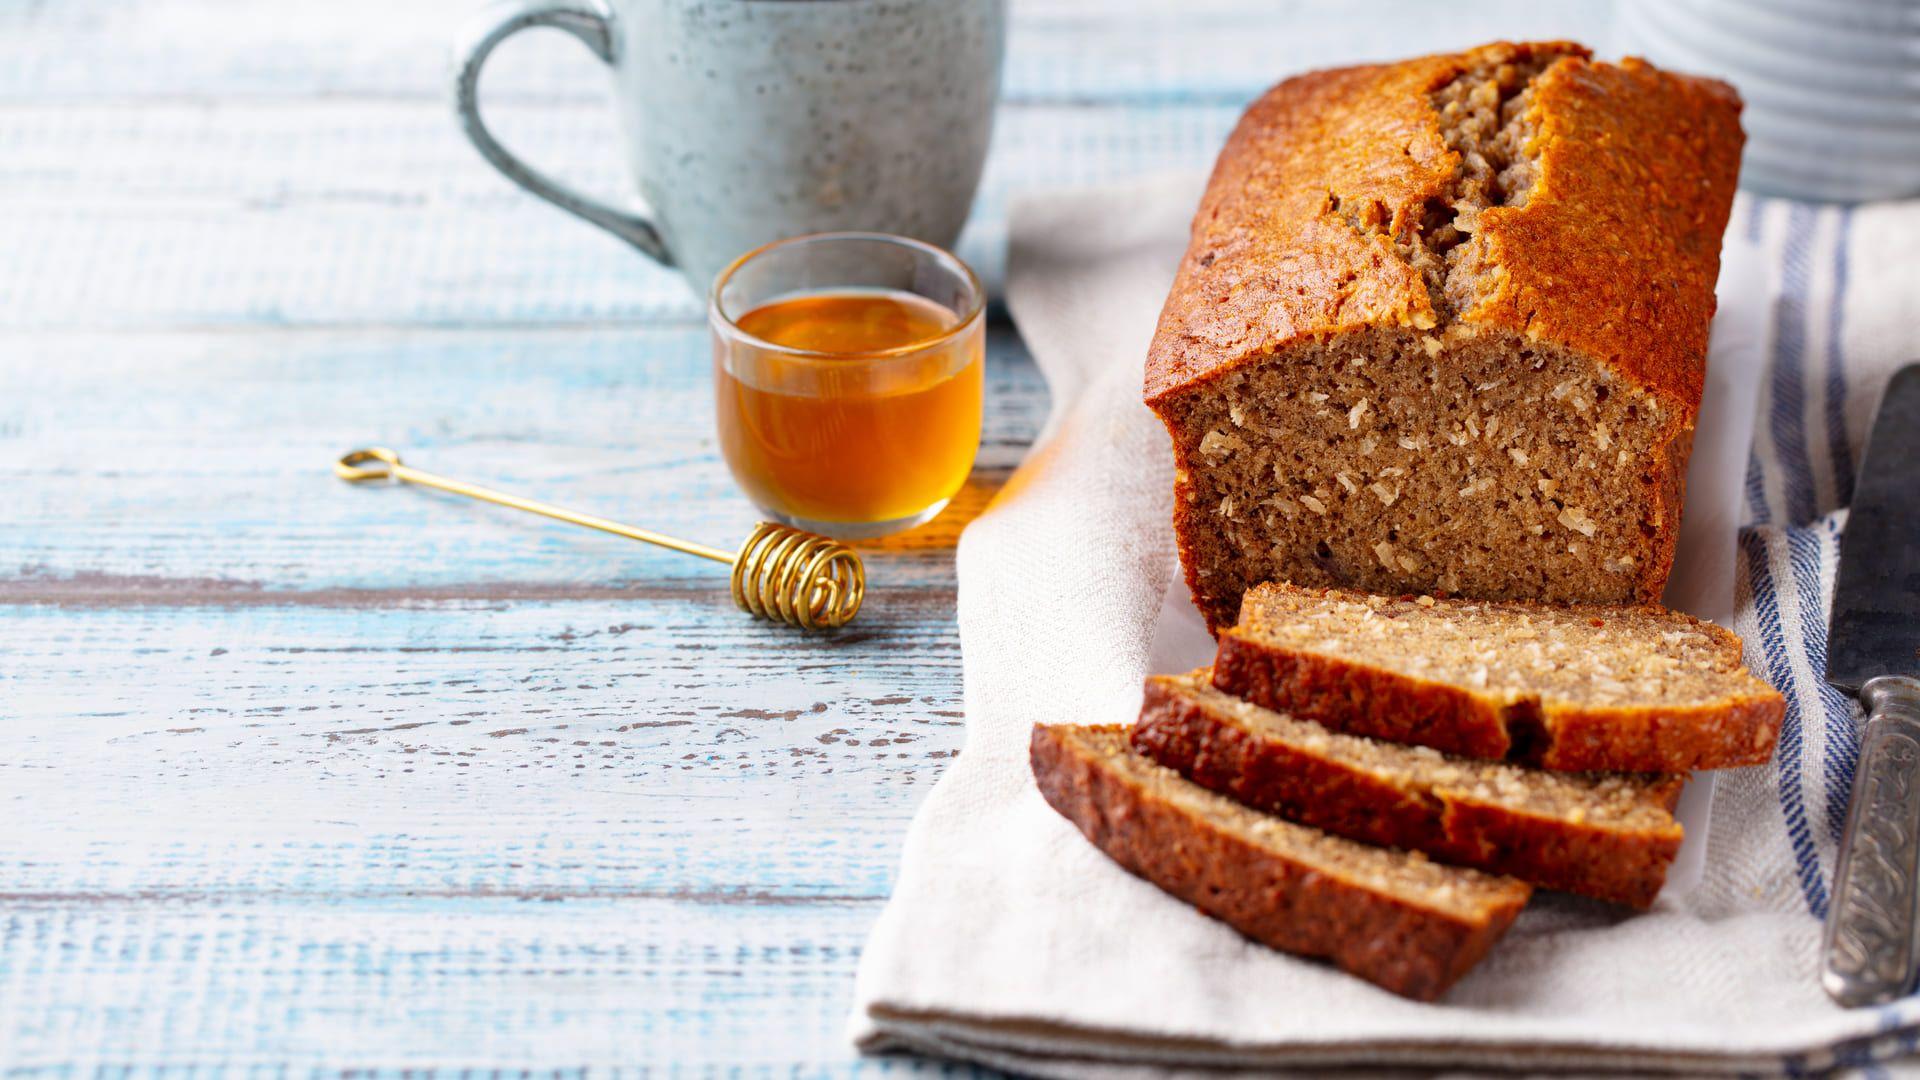 É possível fazer pães saudáveis e rápidos no micro-ondas (Imagem: Reprodução/Shutterstock)